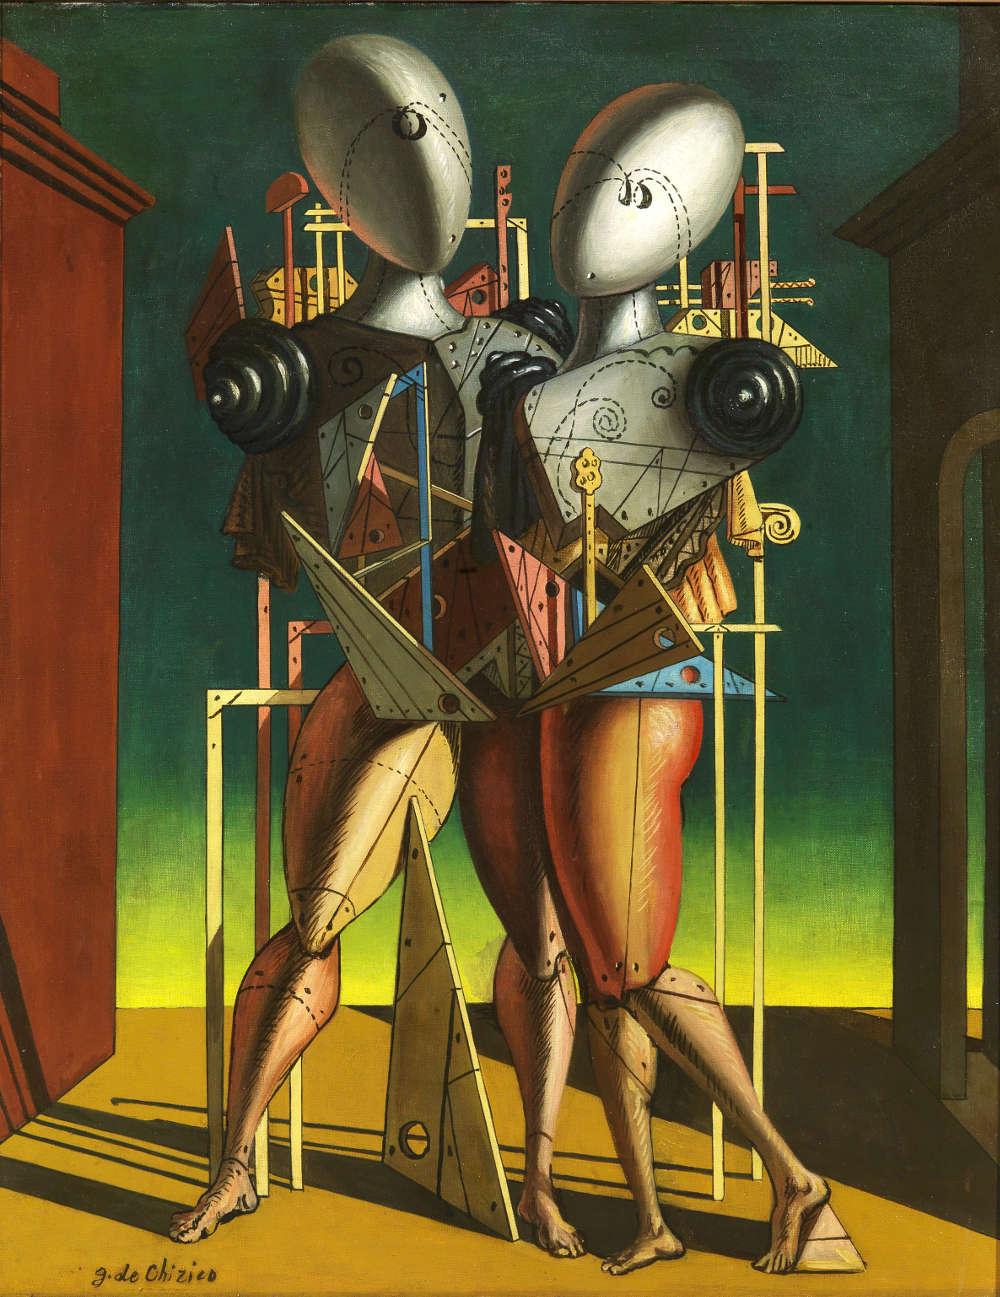 Giorgio de Chirico, Ettore e Andromaca, 1950. Oil on canvas, 90 x 70 cm. Courtesy Tornabuoni Art